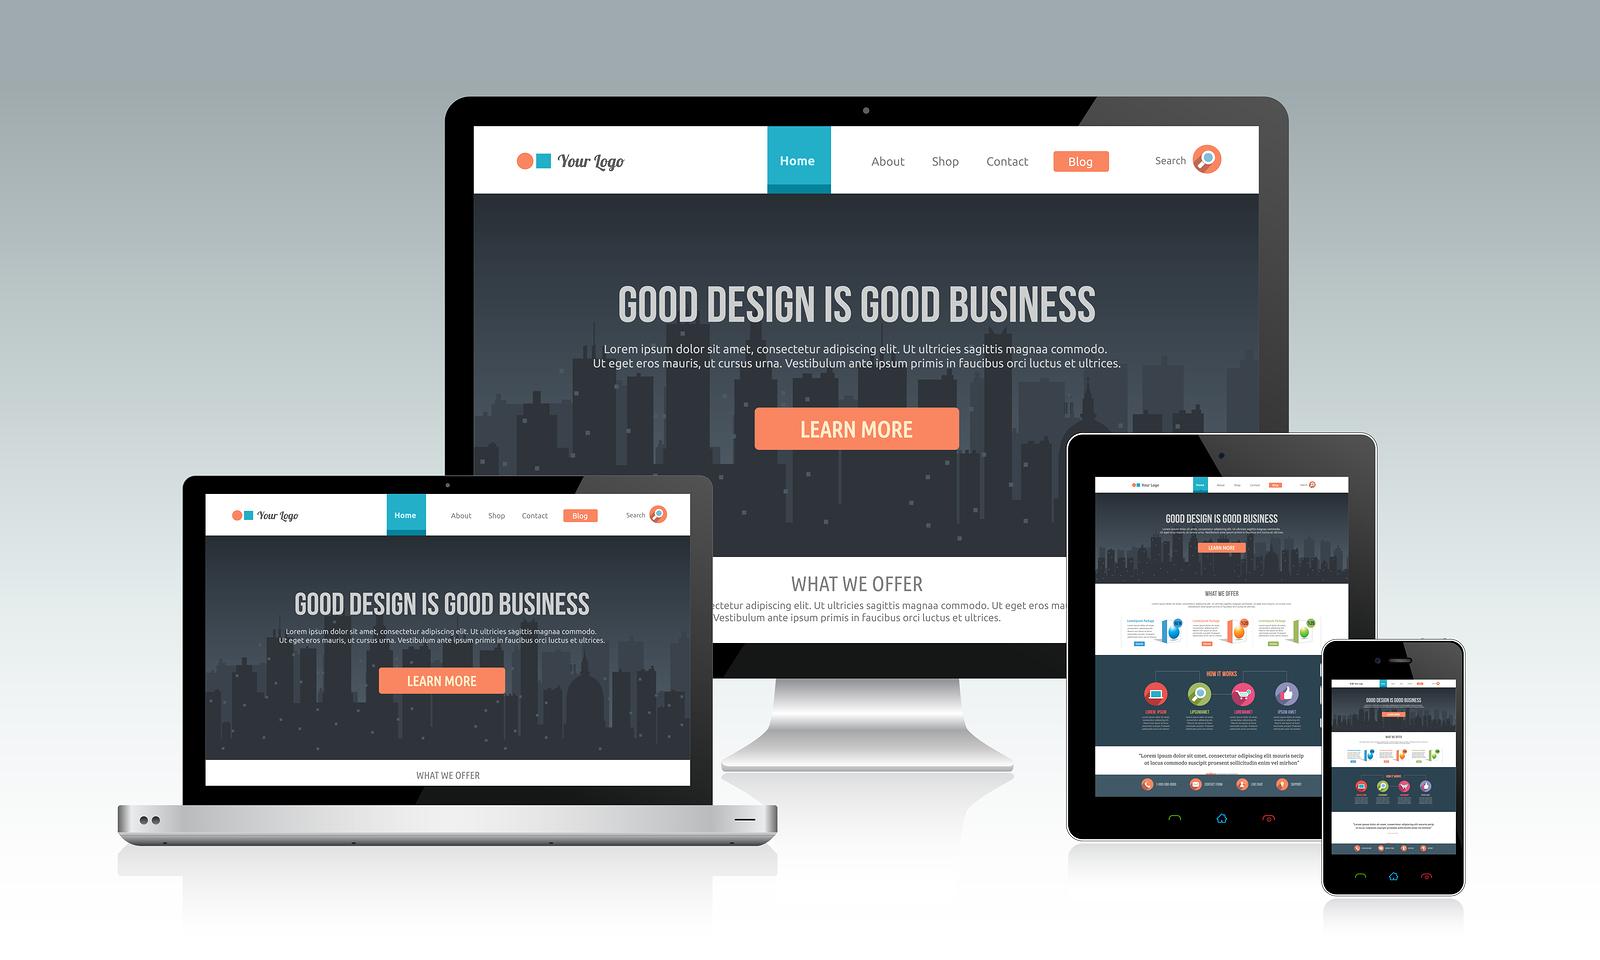 Kepada pengguna WordPress bukan designer yang nak design website tahap lejen